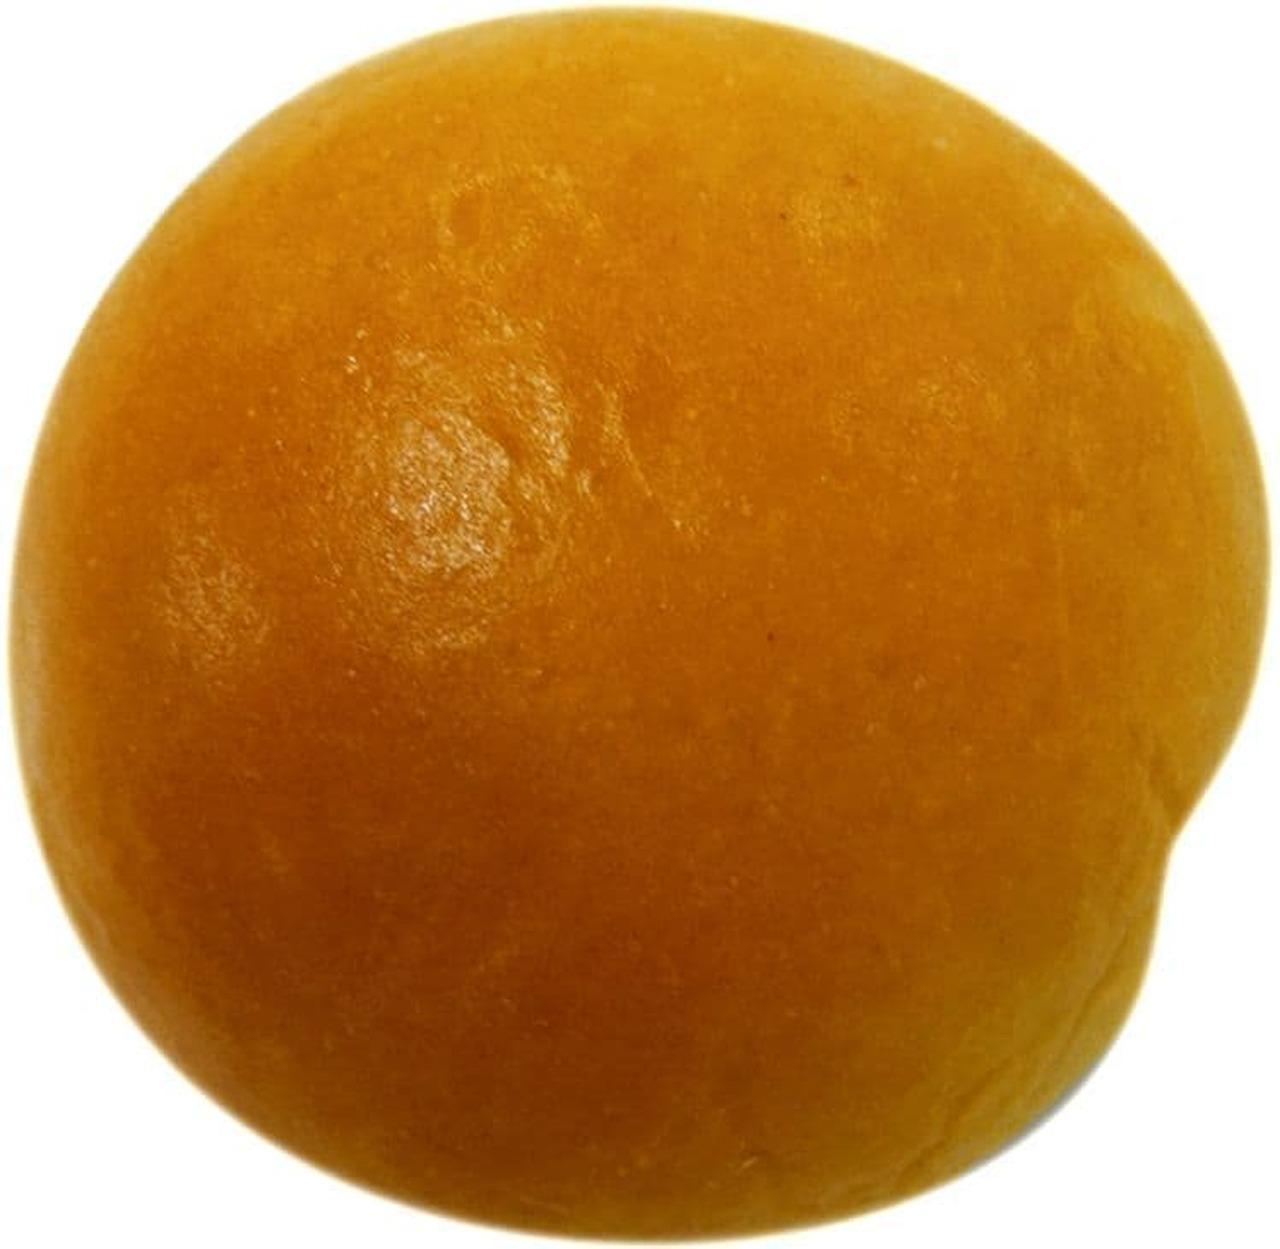 セブン-イレブン「7プレミアム レモン&ホイップクリームパン」